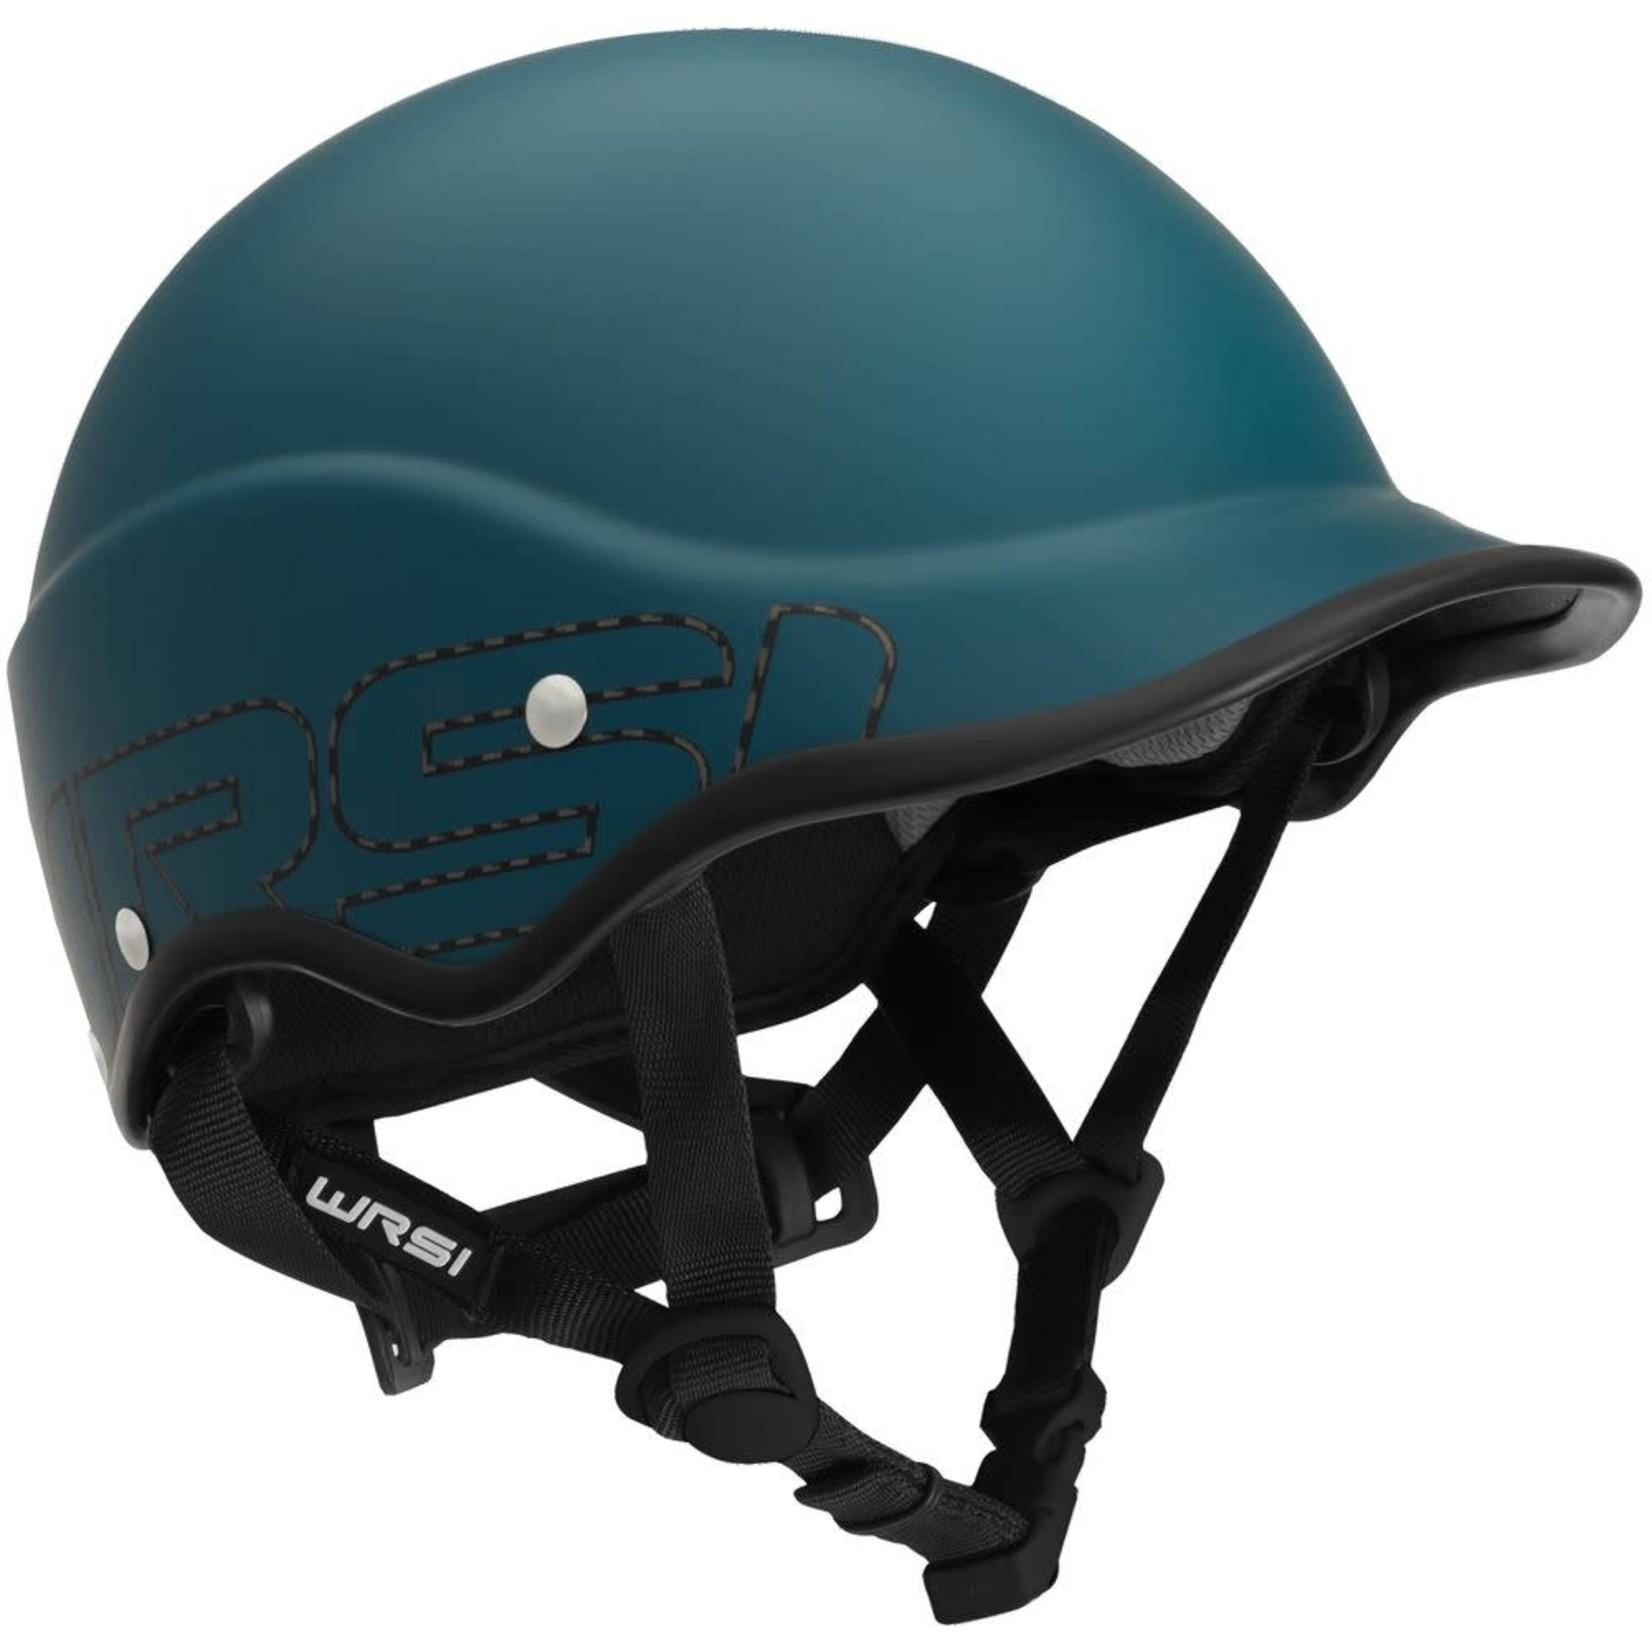 WRSI WRSI Trident Helmet